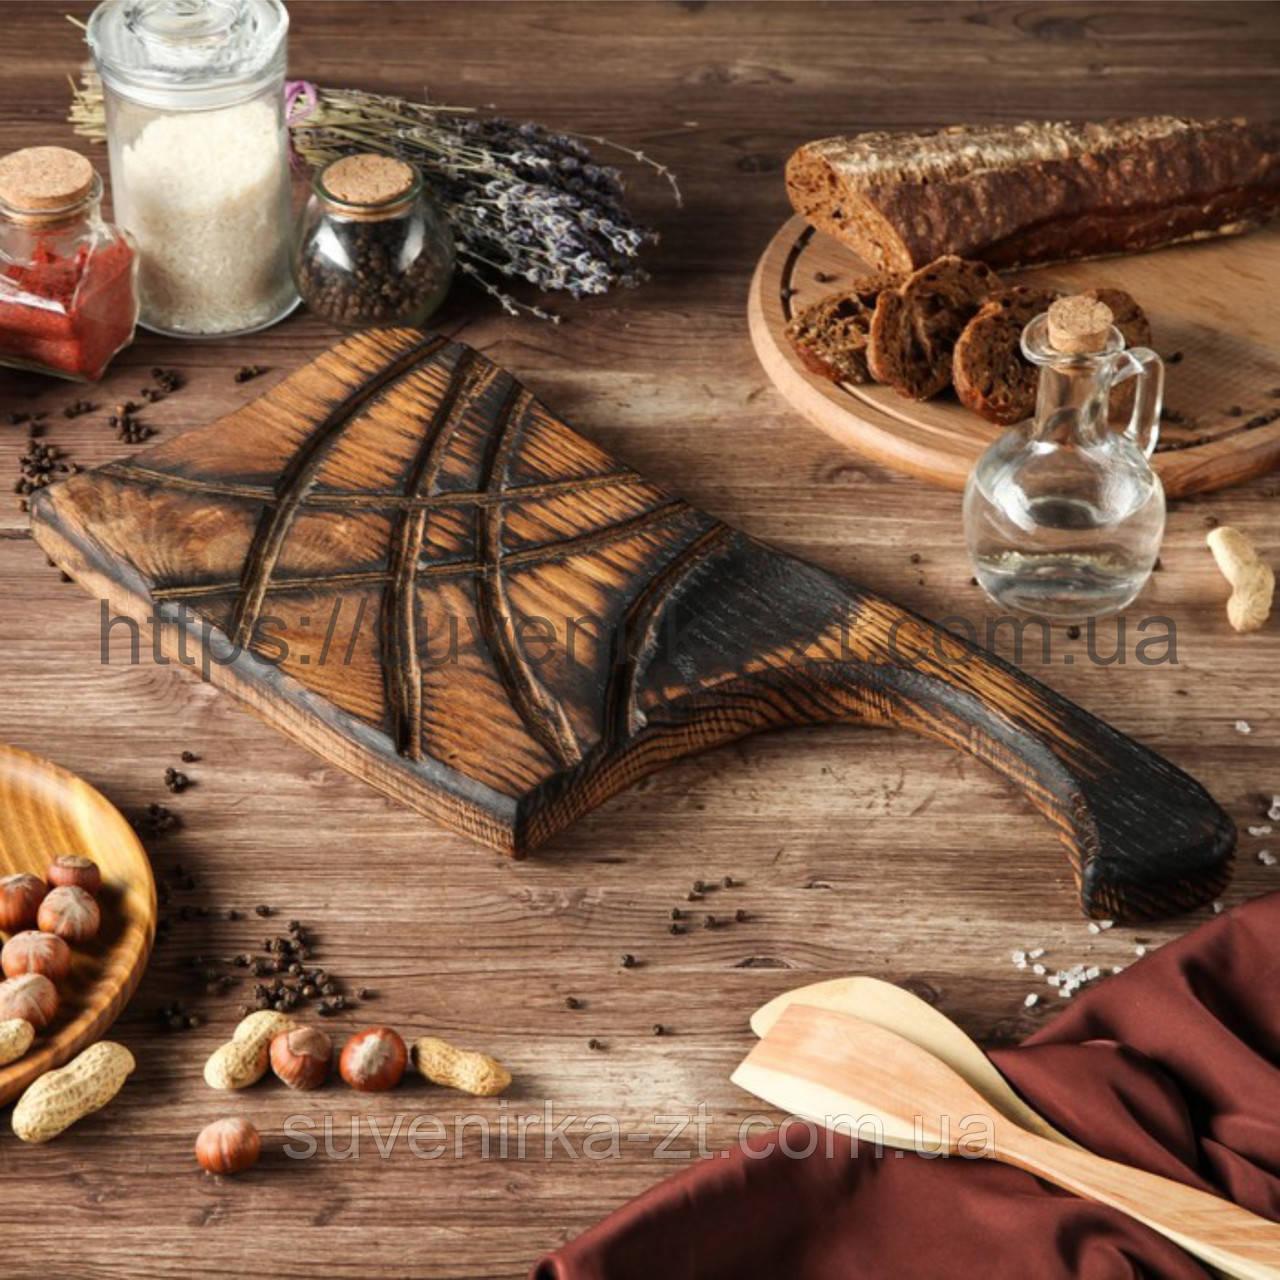 Деревянные доски для подачи. Фигурная. (A01005)